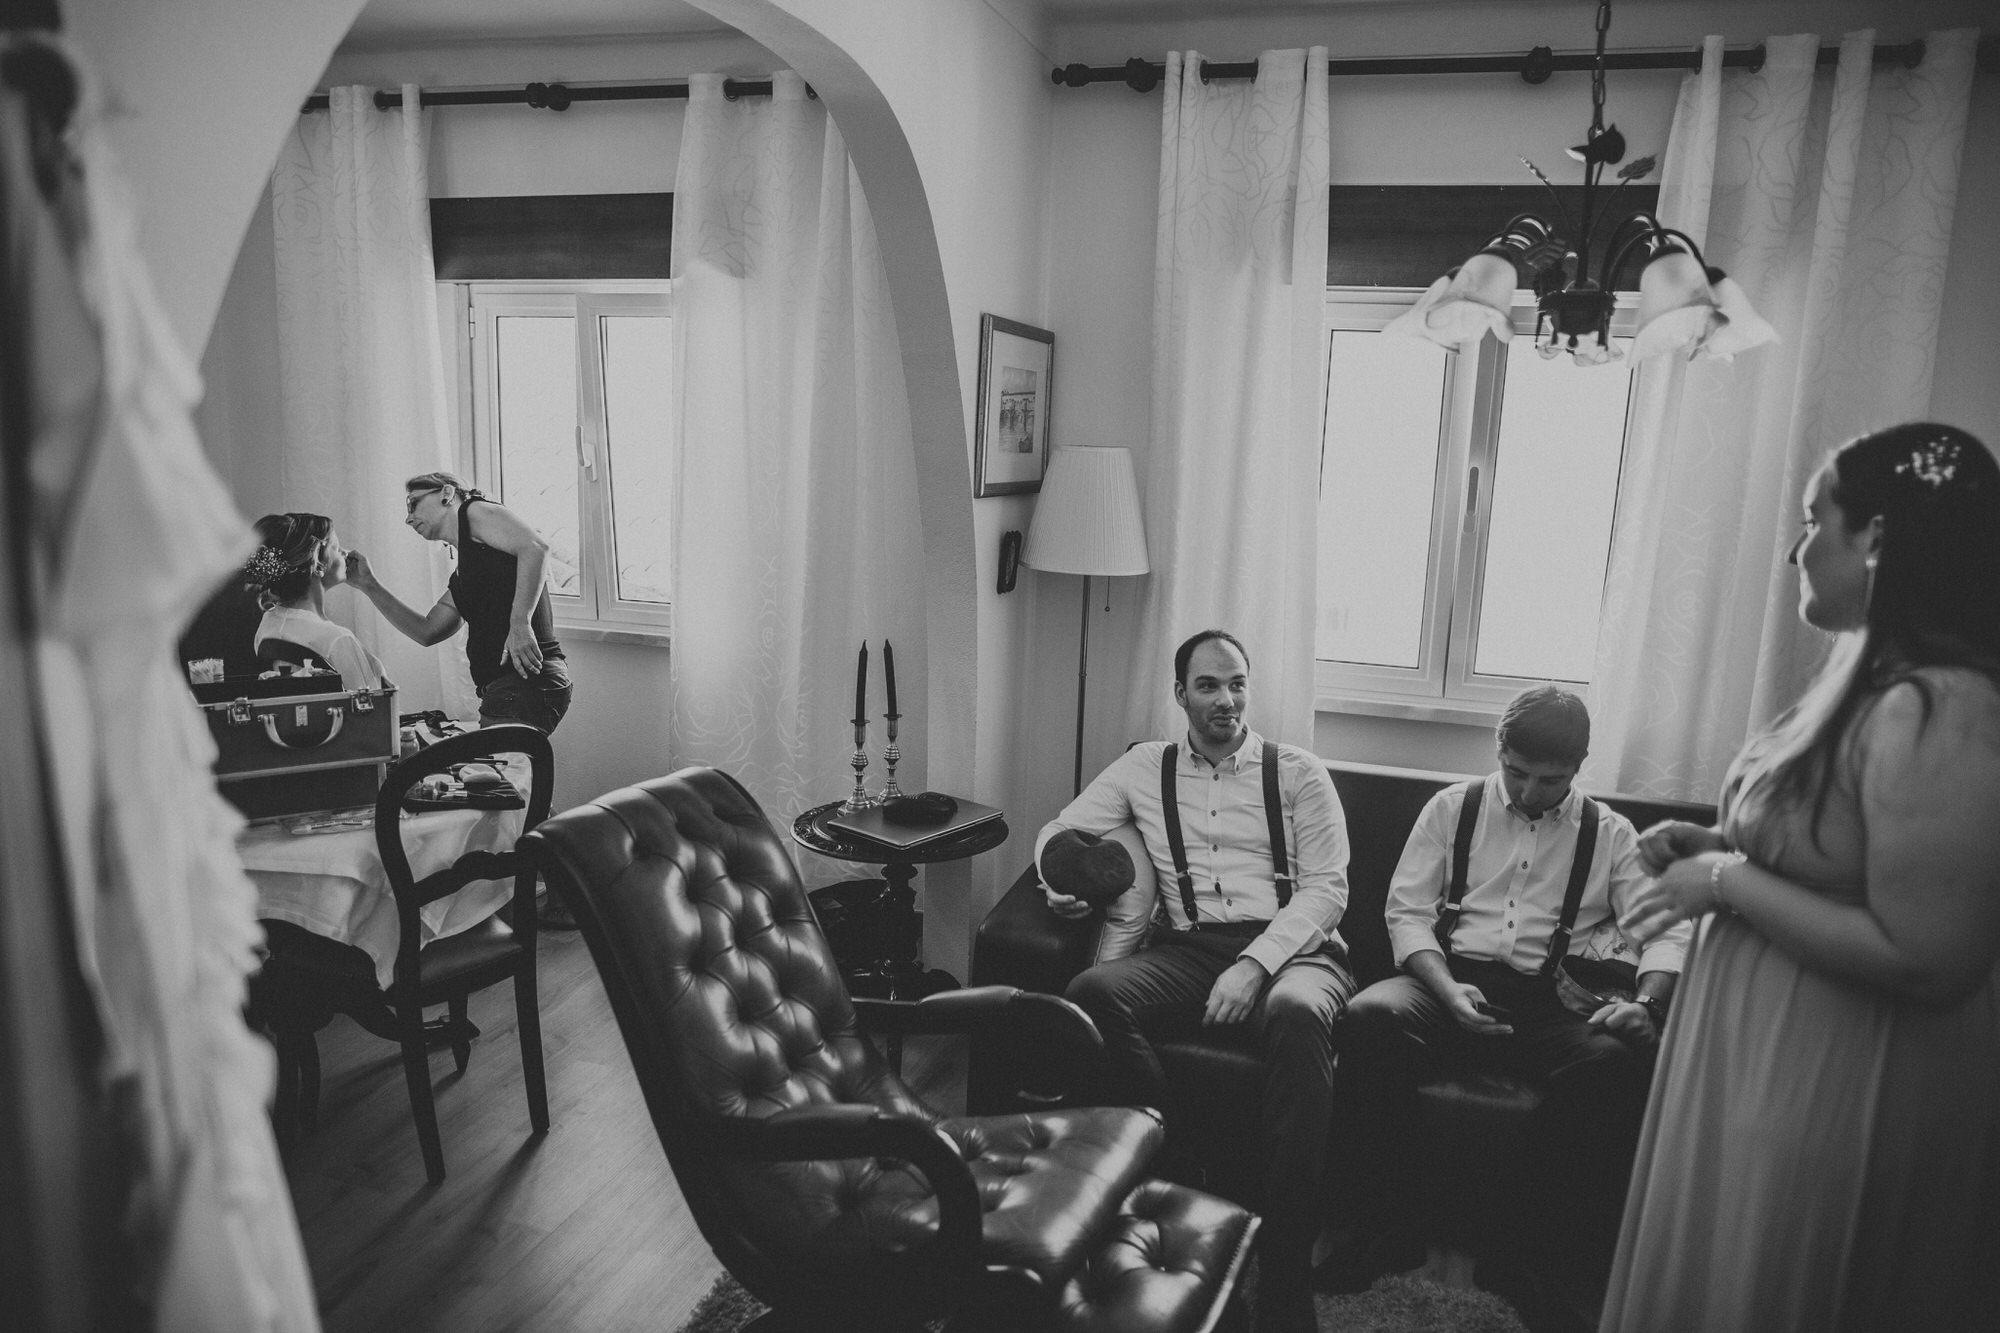 Filipe Santiago Fotografia-fotografo-malveira-lisboa-cascais-mafra-melhores-reportagem-wedding-photography-portugal-lisbon-best-natural-casamentos-lifestyle-bride-ideias-rustic-boho-hair-mackup-damas-preparativos-preparations-bridemaids-dress-storie-